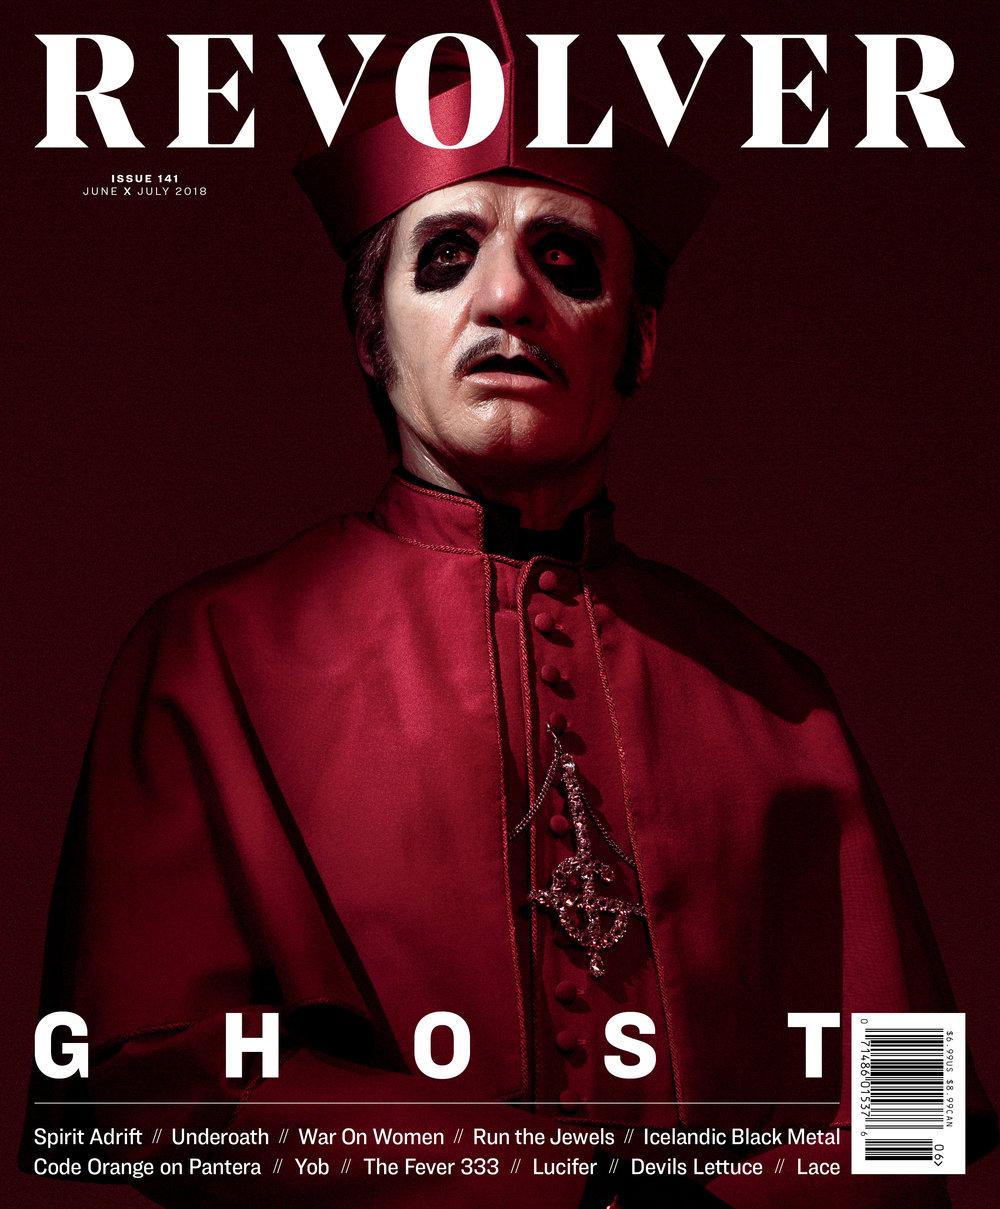 REV_0718_COVER_1_HR.jpg